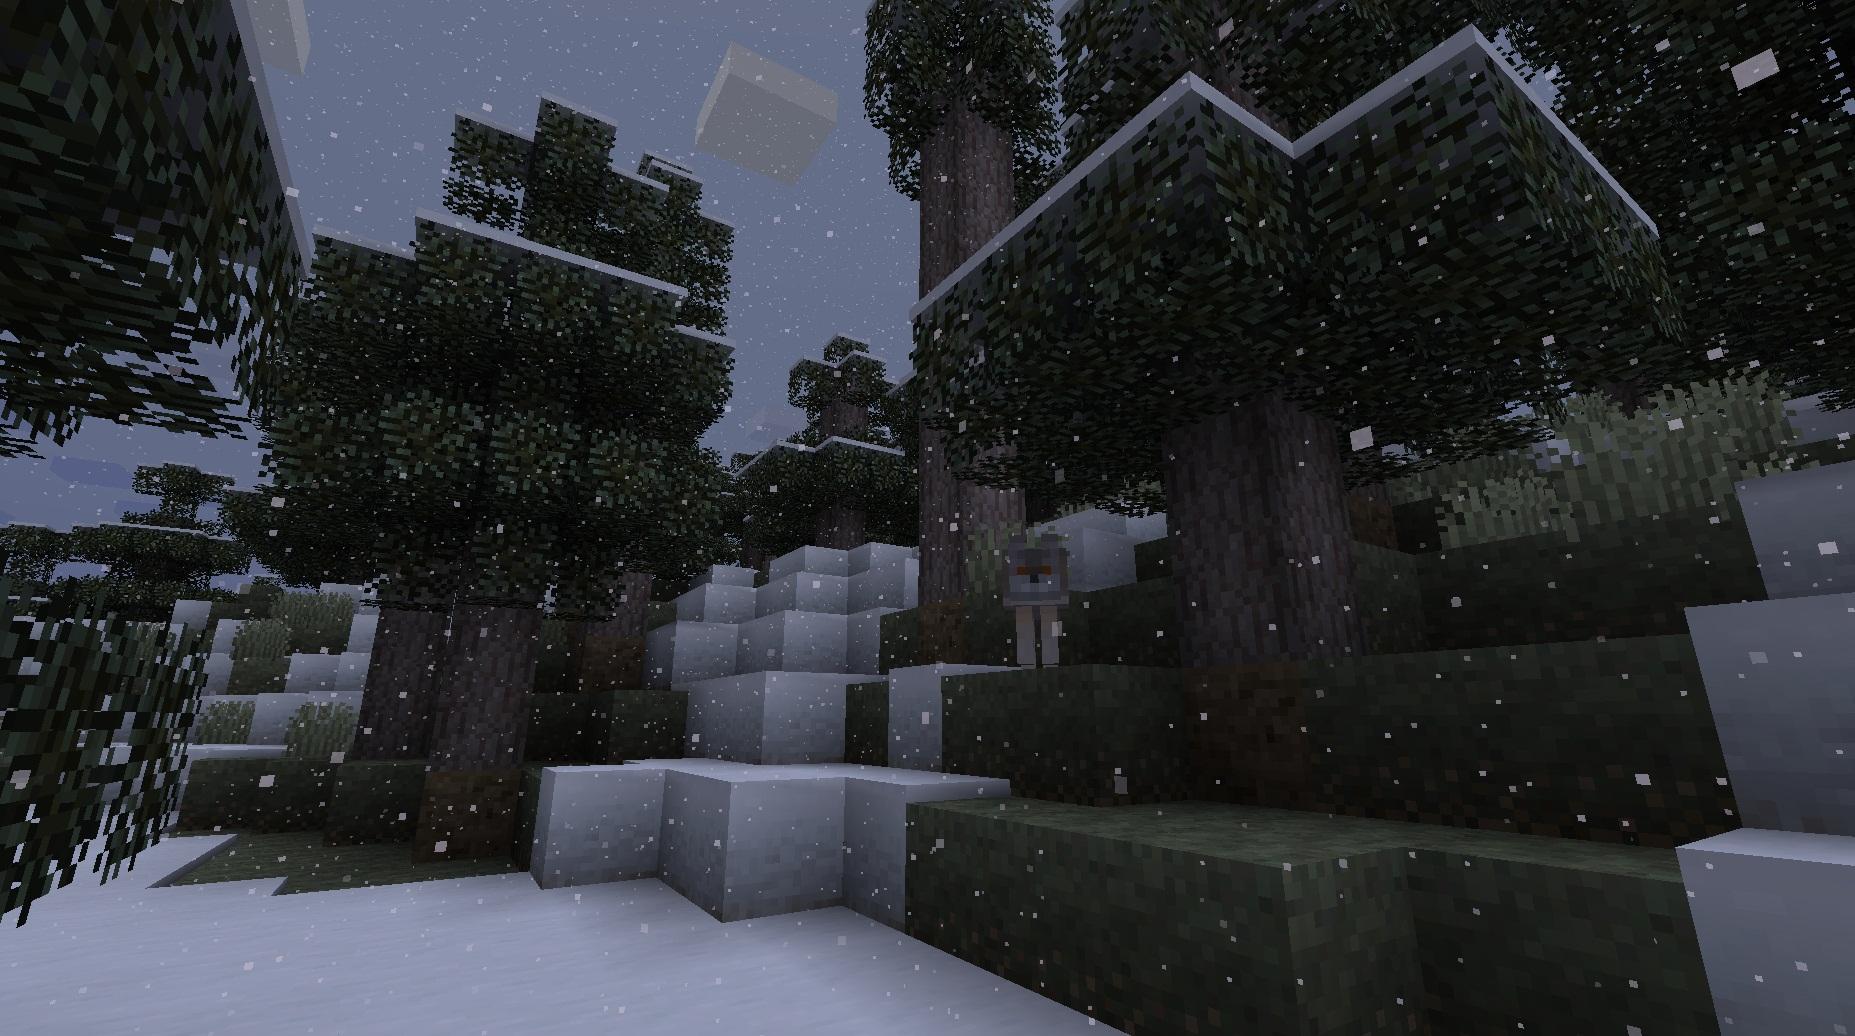 http://minecraft-forum.net/wp-content/uploads/2012/12/4b37e__Pixel-Reality-Texture-Pack-2.jpg